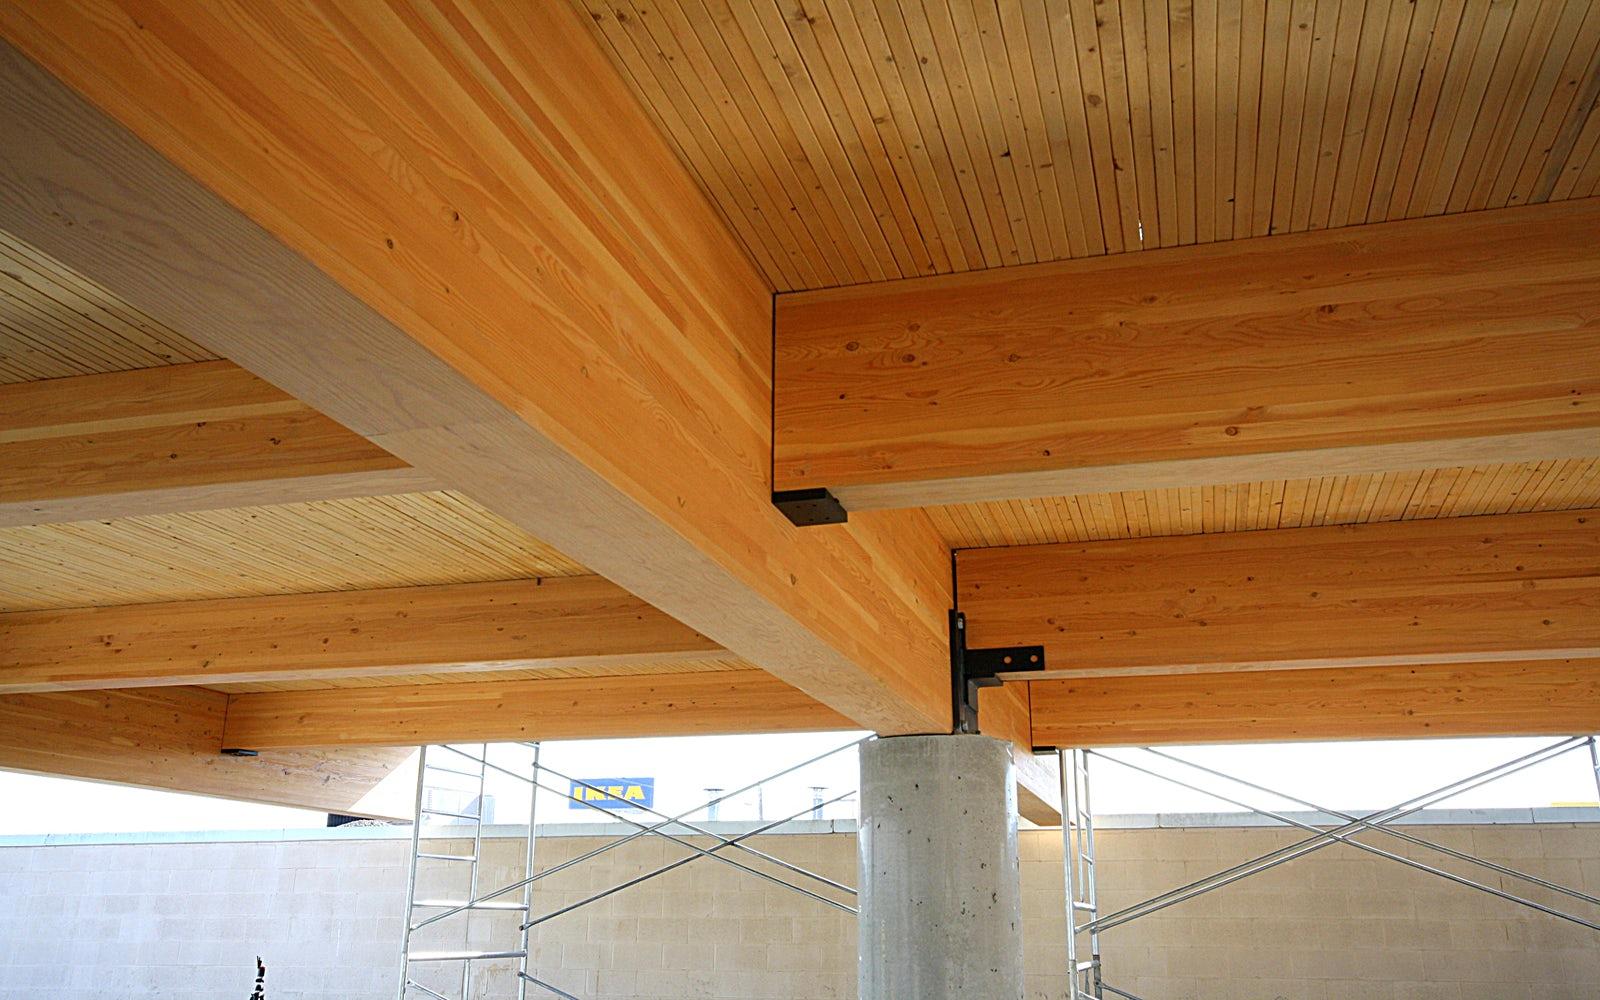 Laminated Wood Structures ~ Glulam